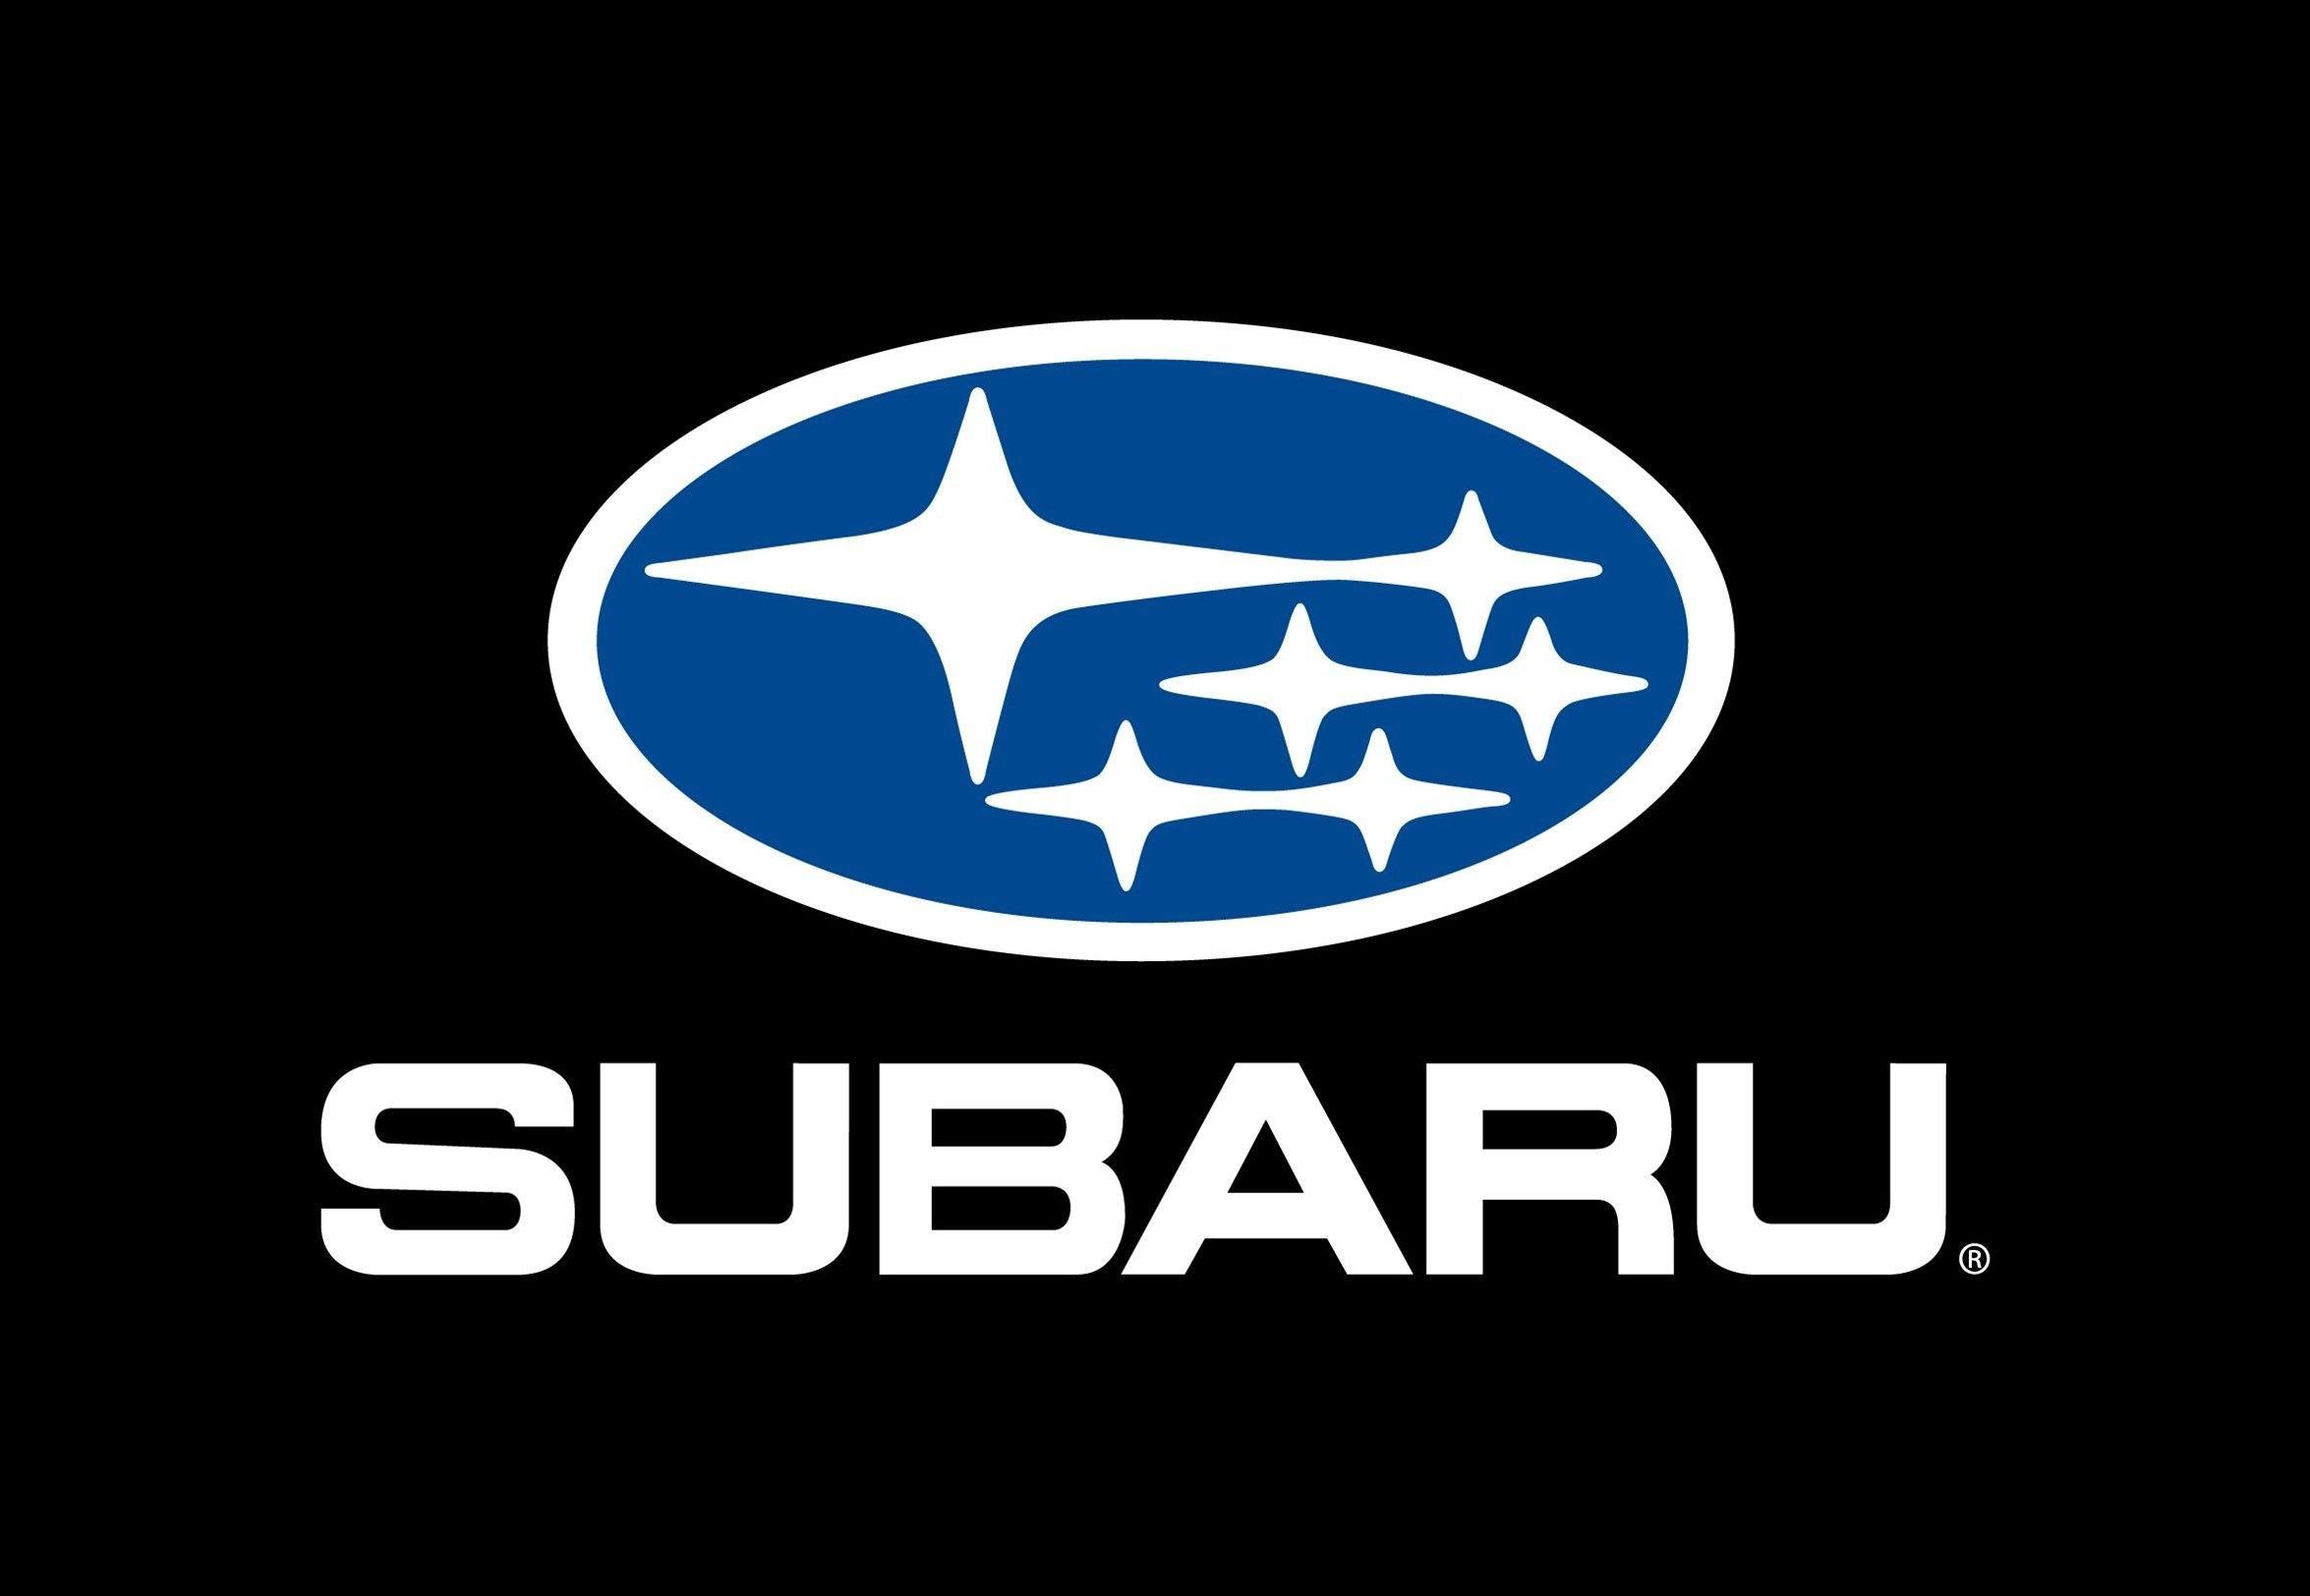 Fresh Subaru Logo Meaning Subaru Logo Subaru Car Logos